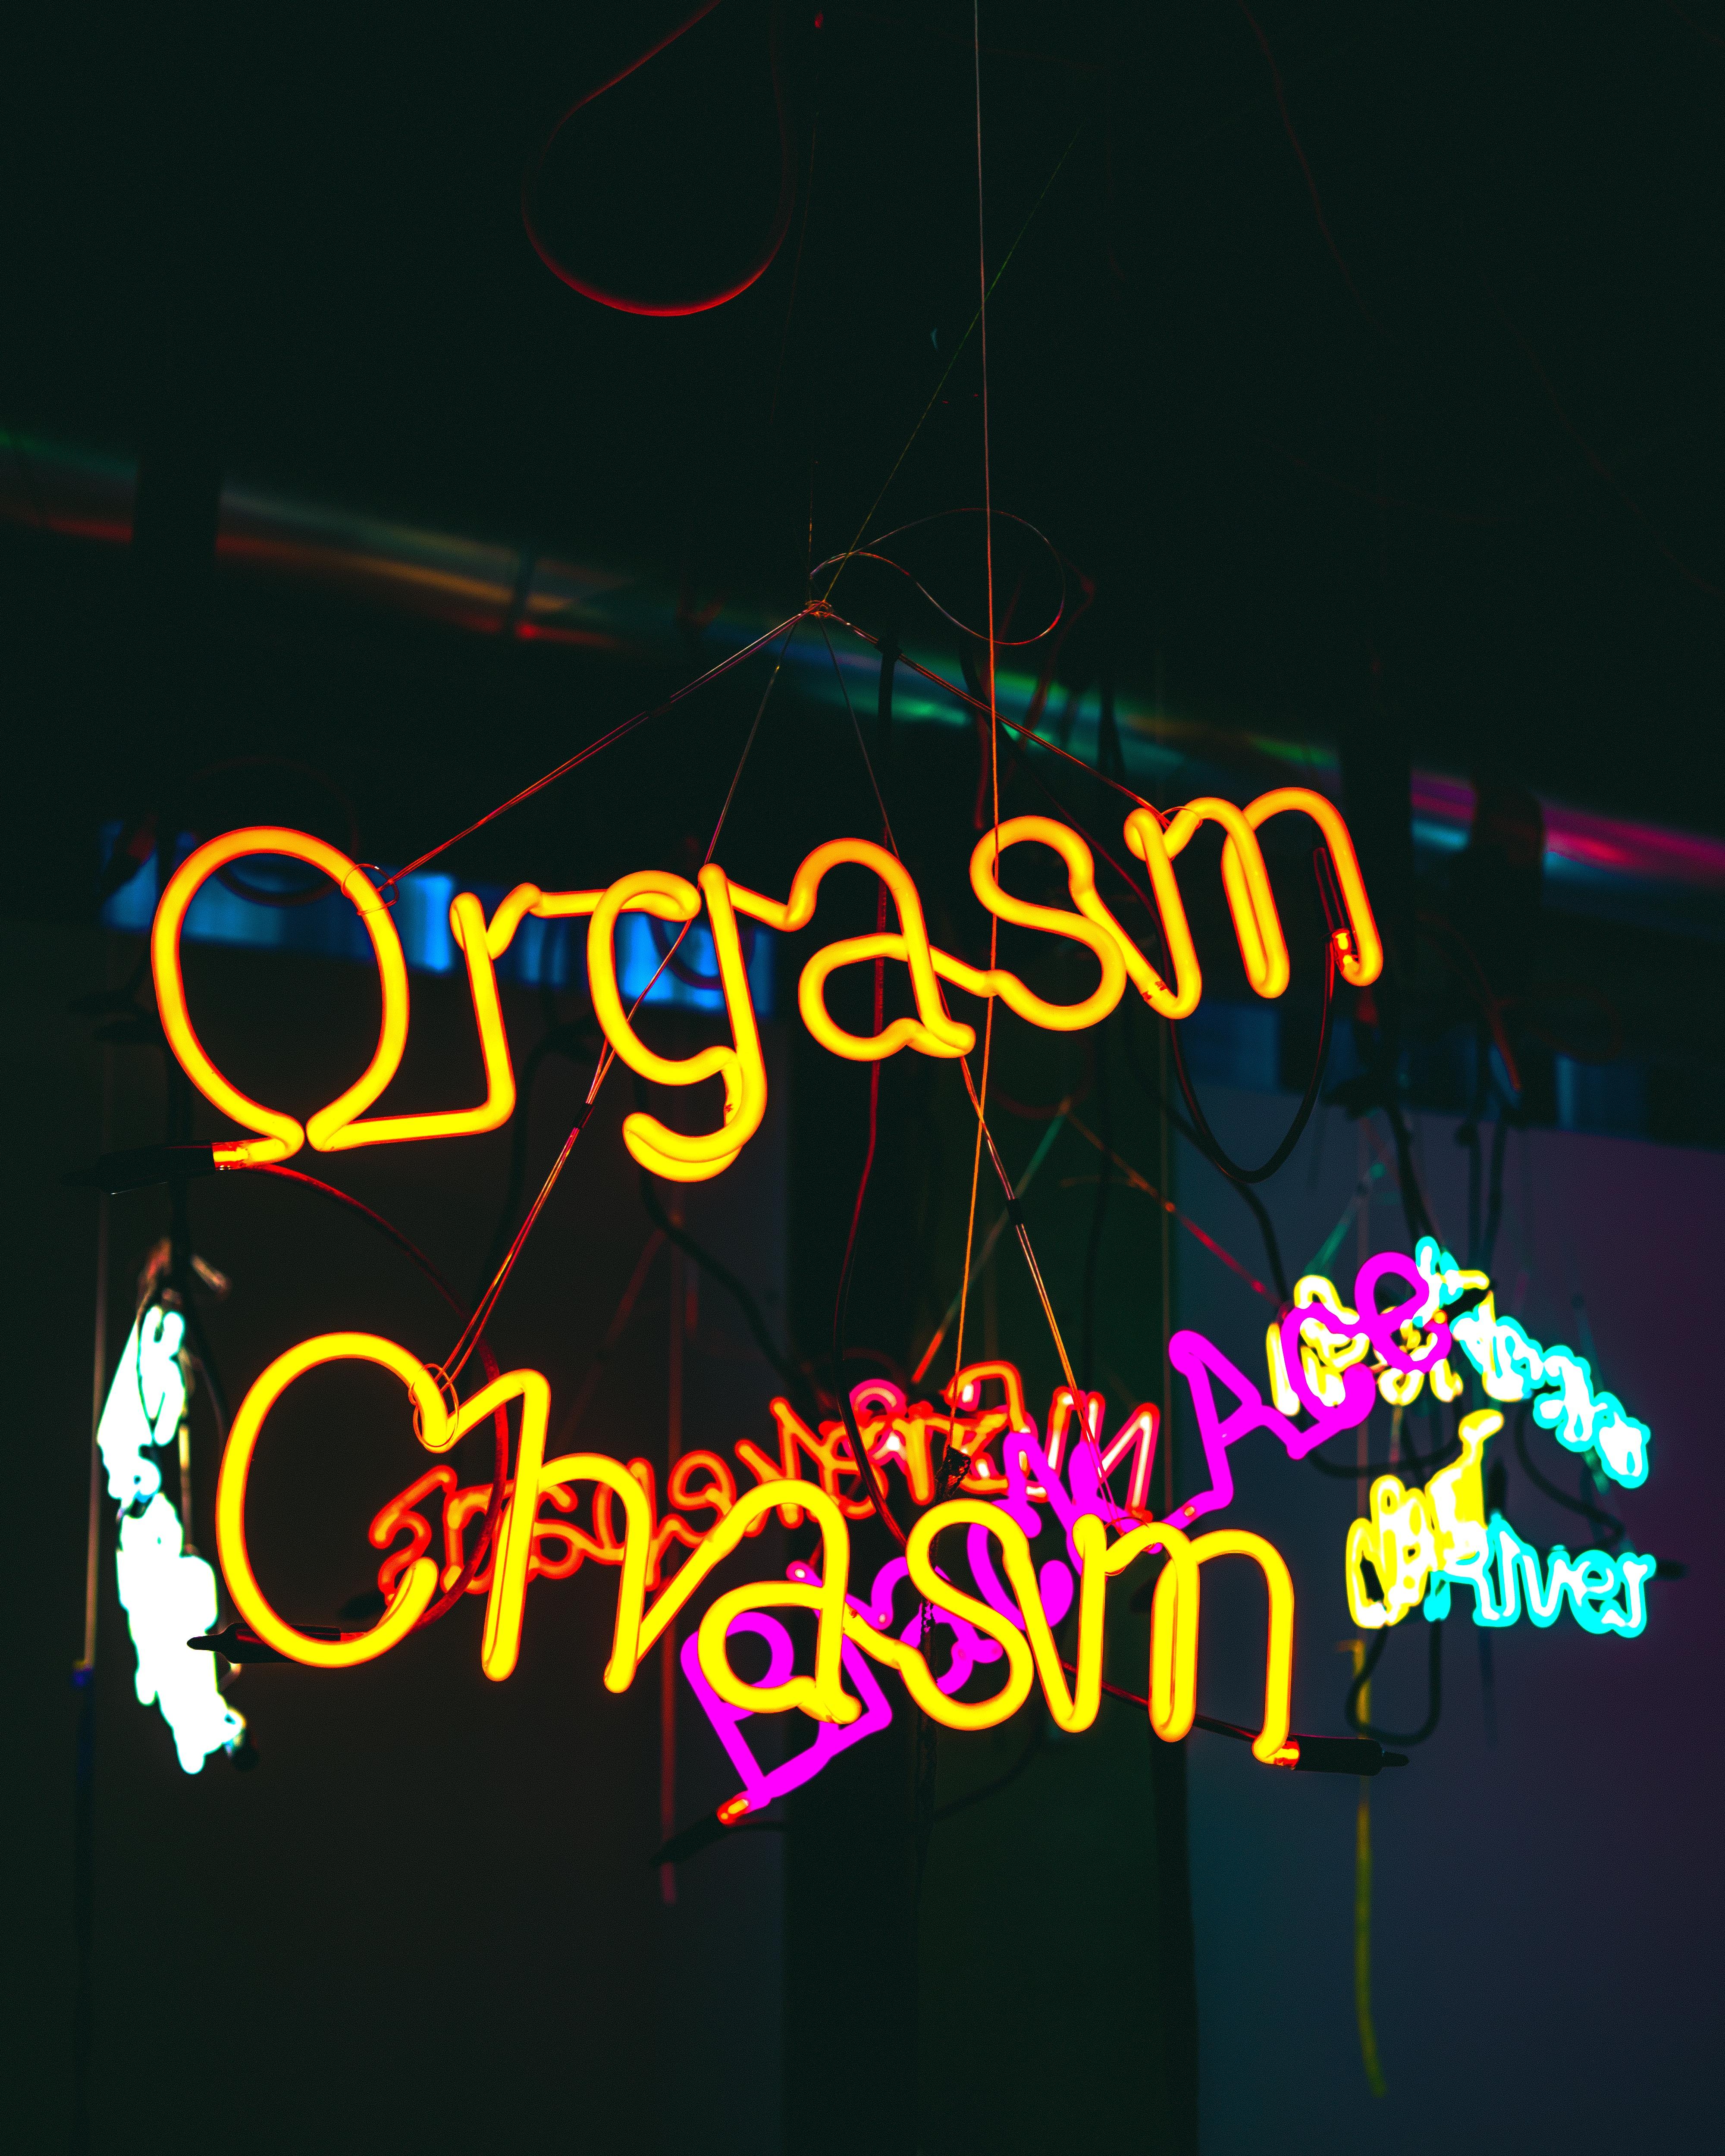 Orgasm Chasm neon signage